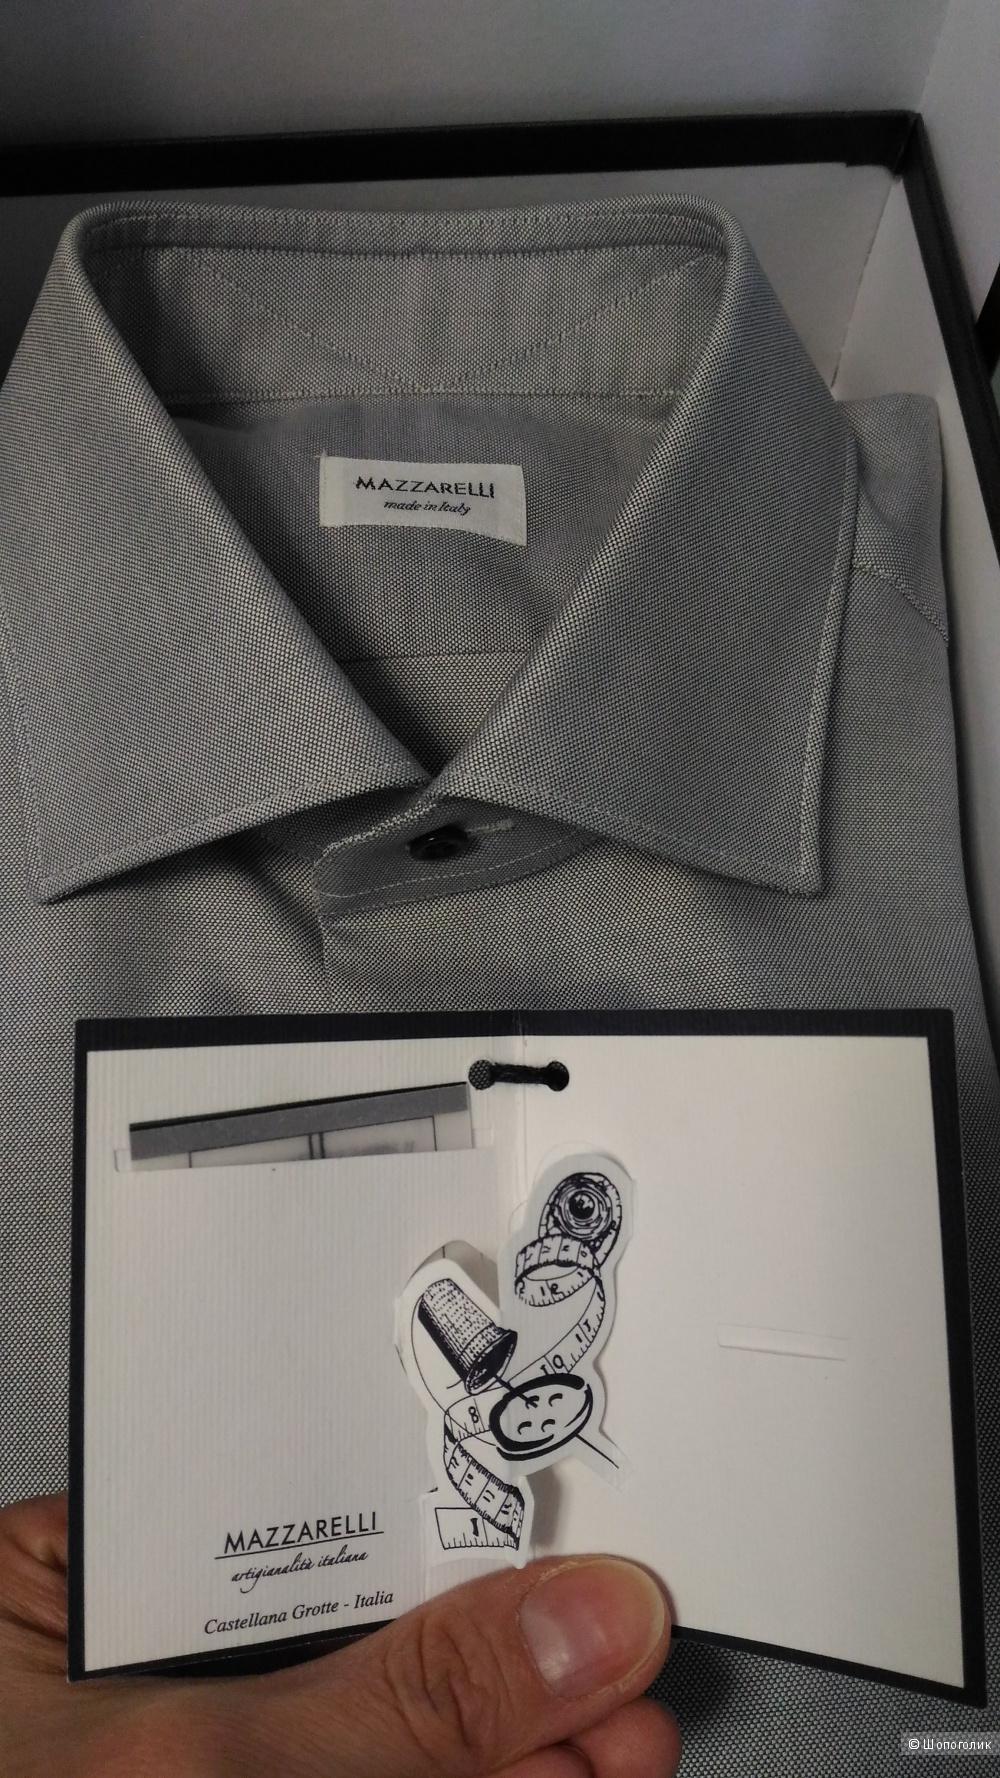 Мужская рубашка Mazzarelli, новая, 42 по вороту